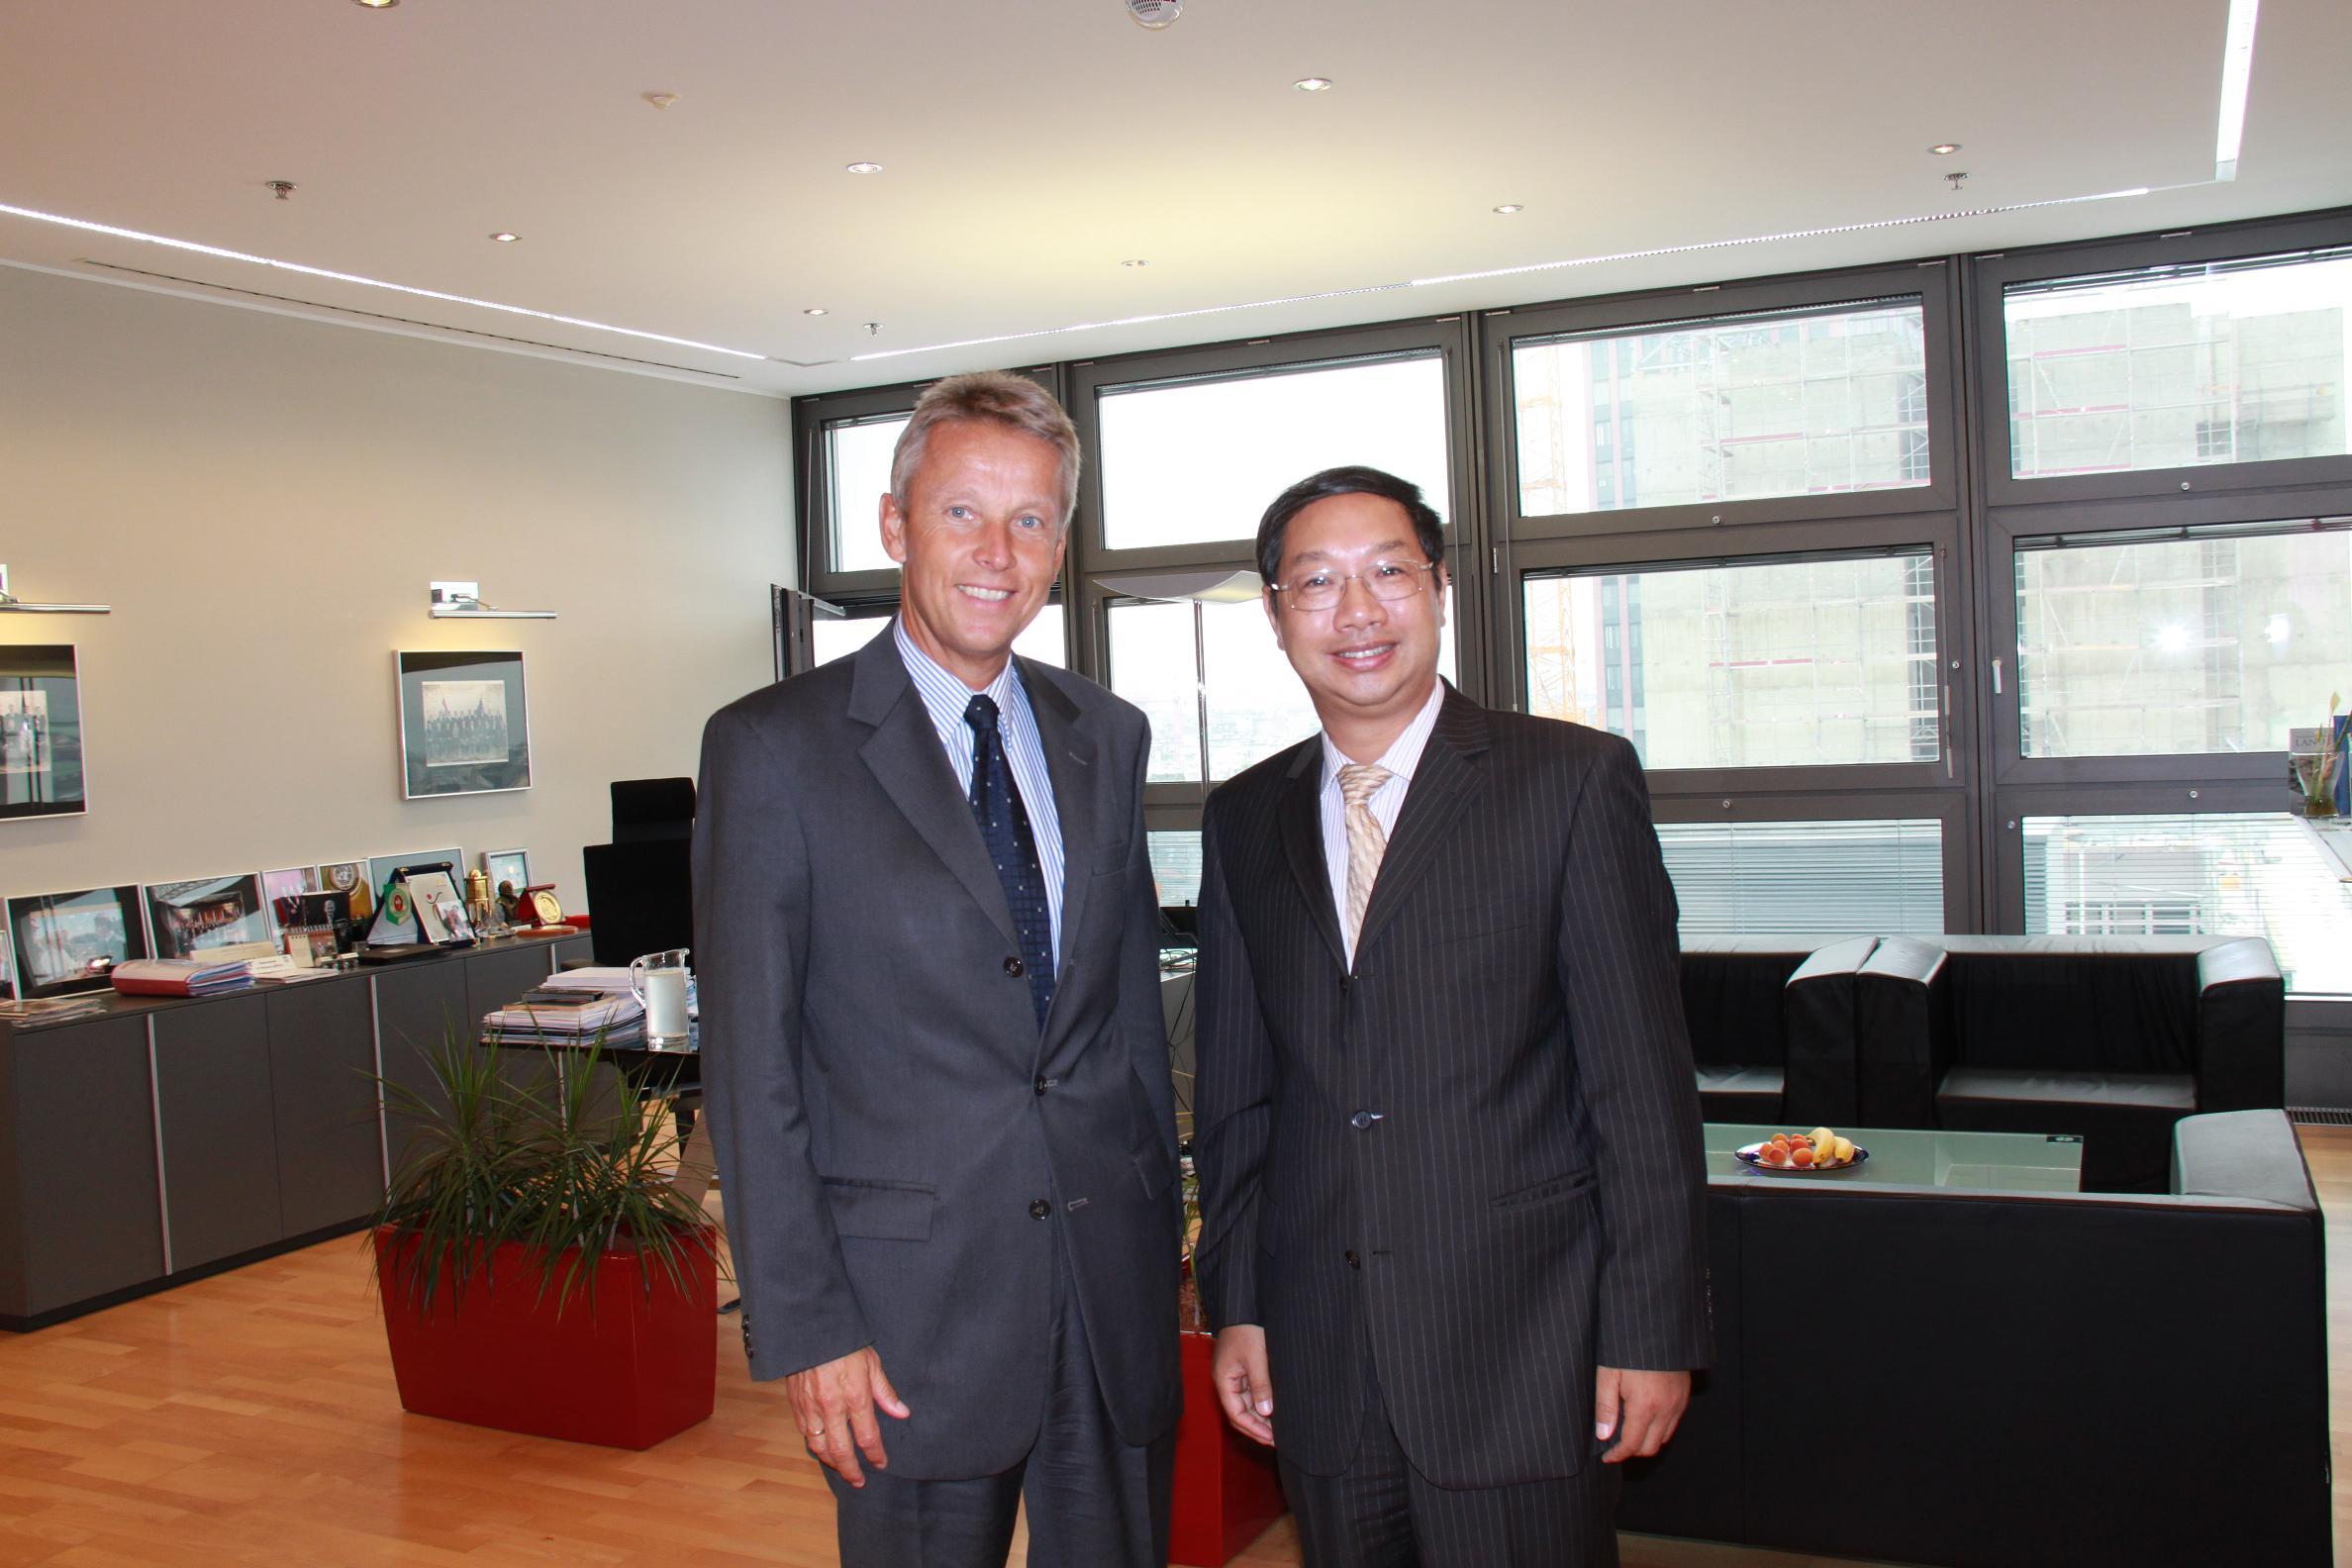 Mit dem neuen Botschafter der Volksrepublik China, SHI Mingde (C) Sven Pöllauer